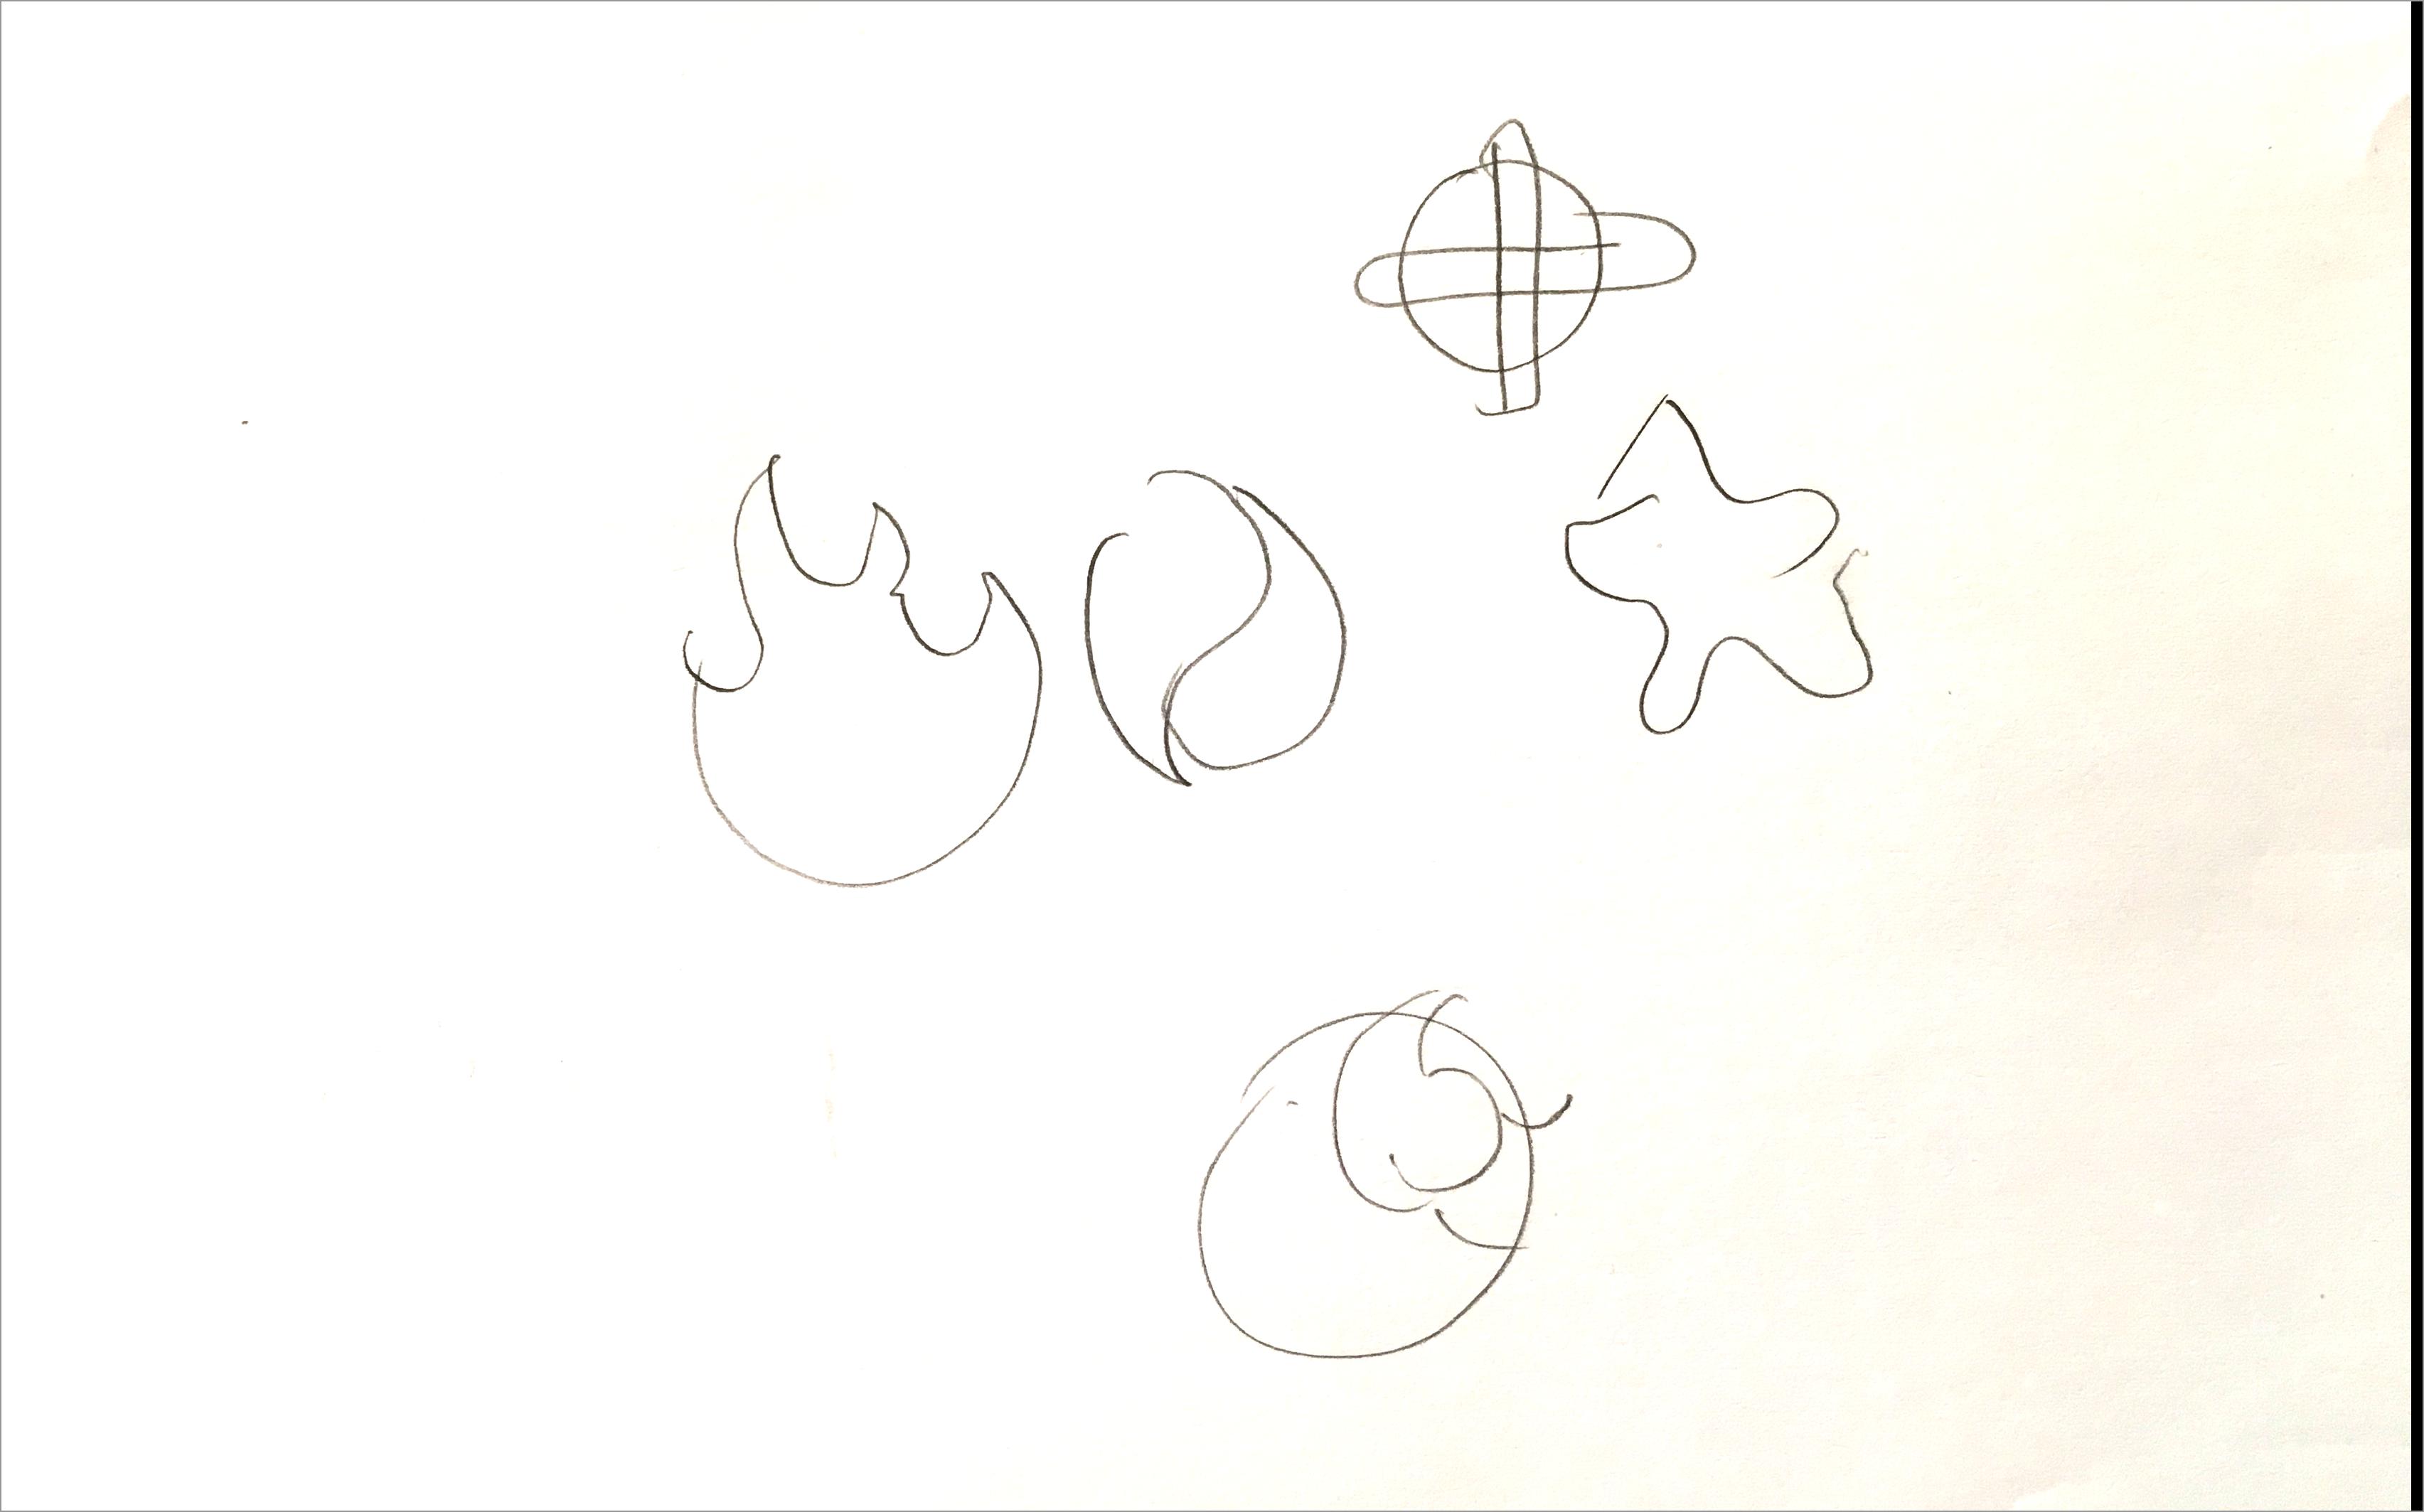 Scribbling sketching